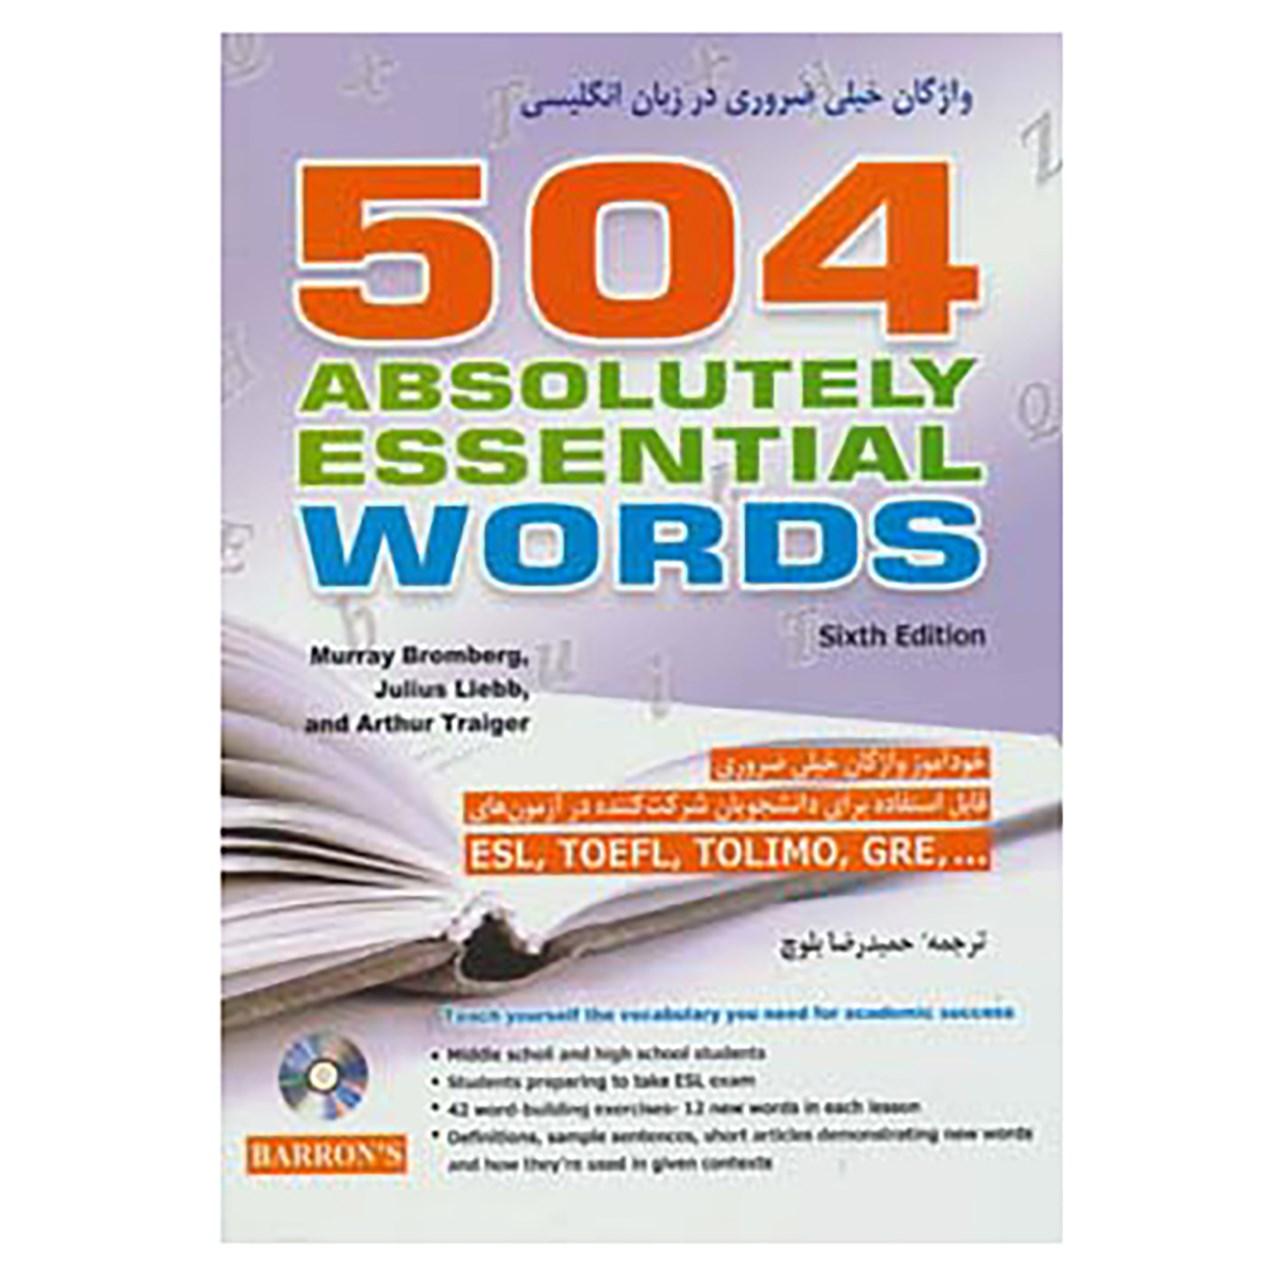 کتاب 504 واژه خیلی ضروری در زبان انگلیسی،همراه با سی دی اثر مورای برامبرگ و دیگران